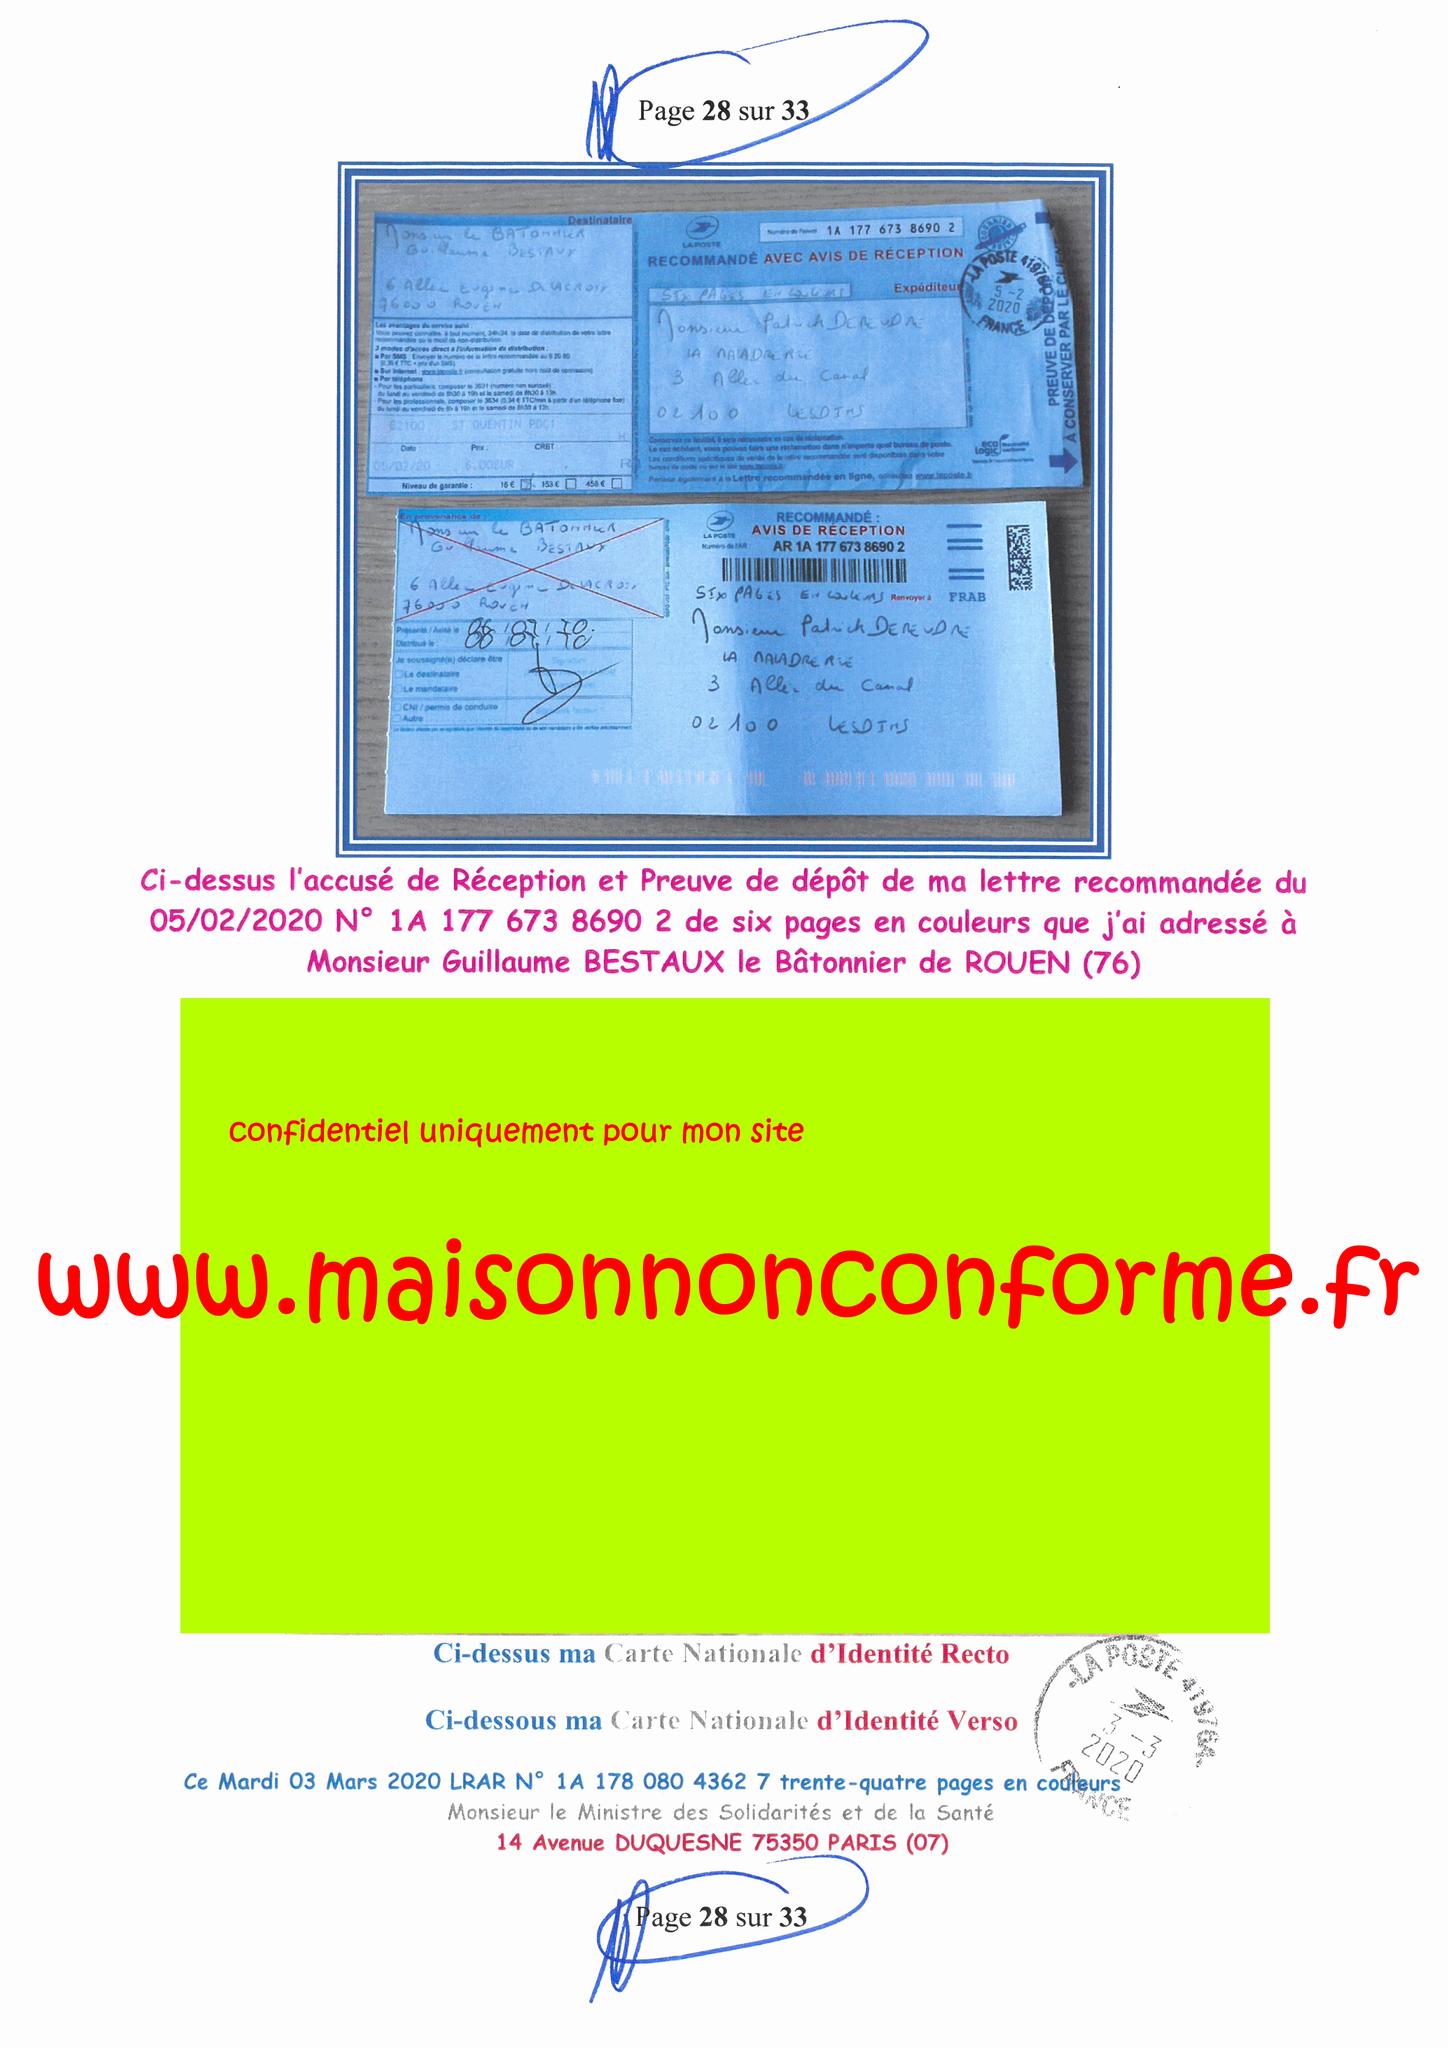 Page 28 sur 33 Ma lettre recommandée N0 1A 178 080 4362 7 du 03 Mars 2020 à Monsieur Olivier VERAN le Ministre de la Santé et des Solidarités www.jesuispatrick.fr